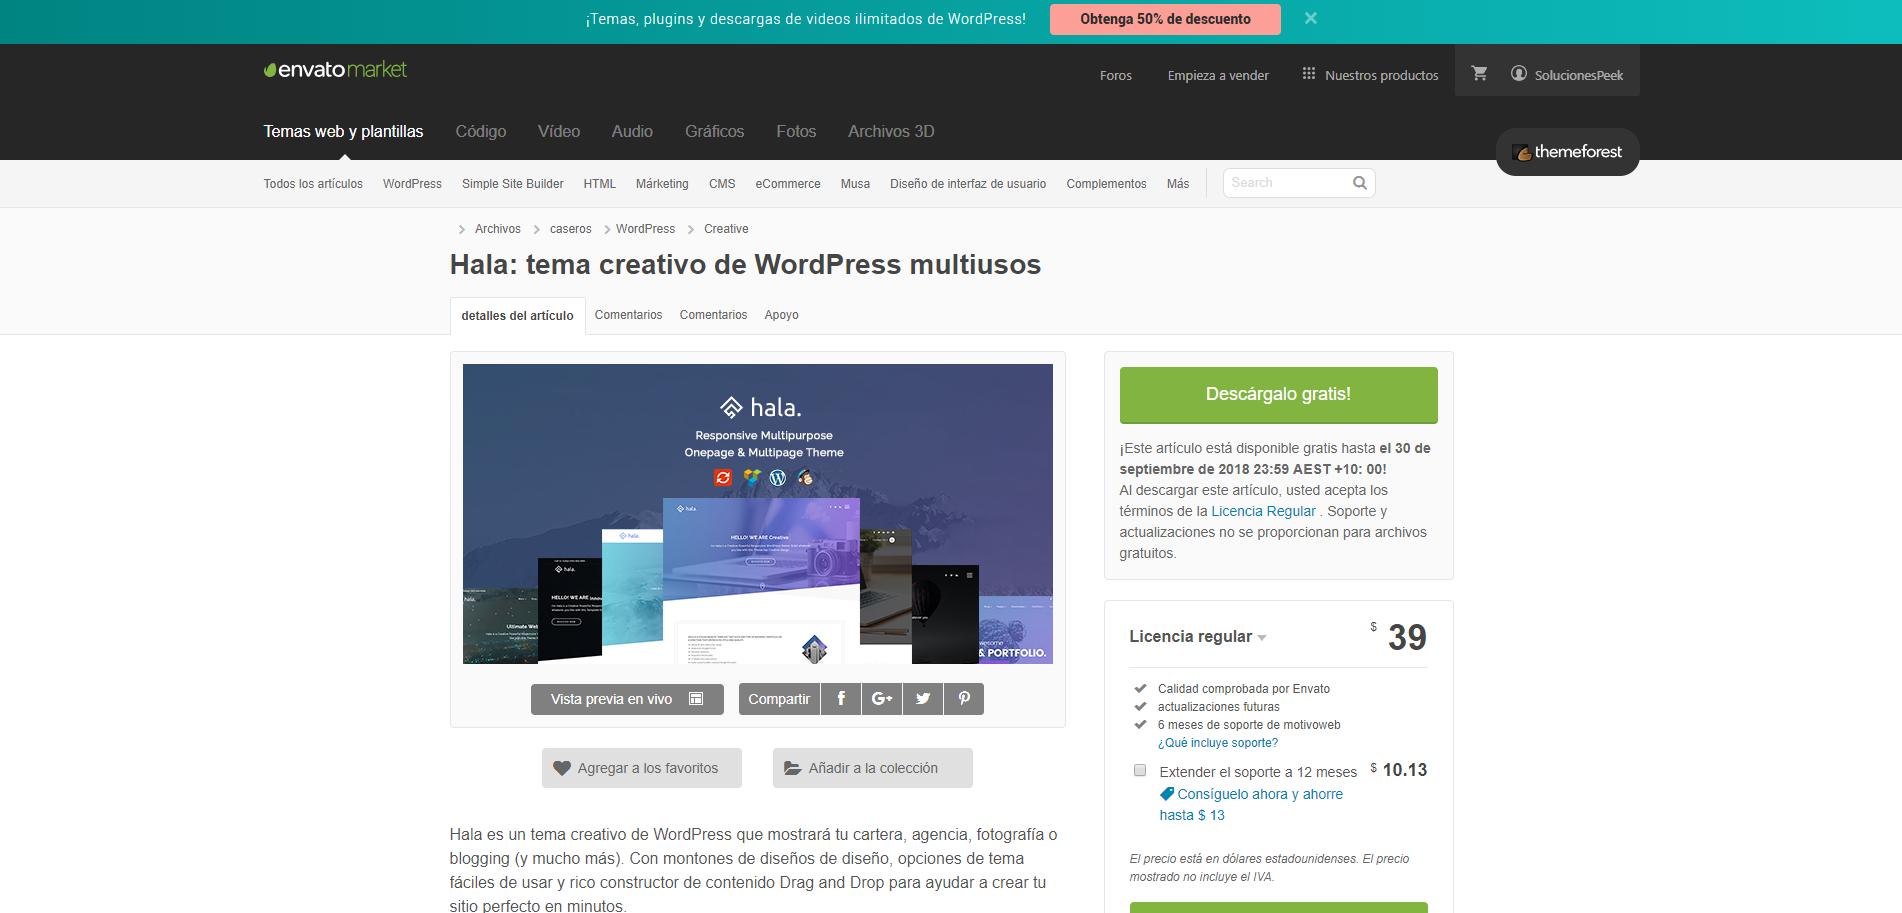 Nuevas plantillas Wordpress gratis! - chollometro.com